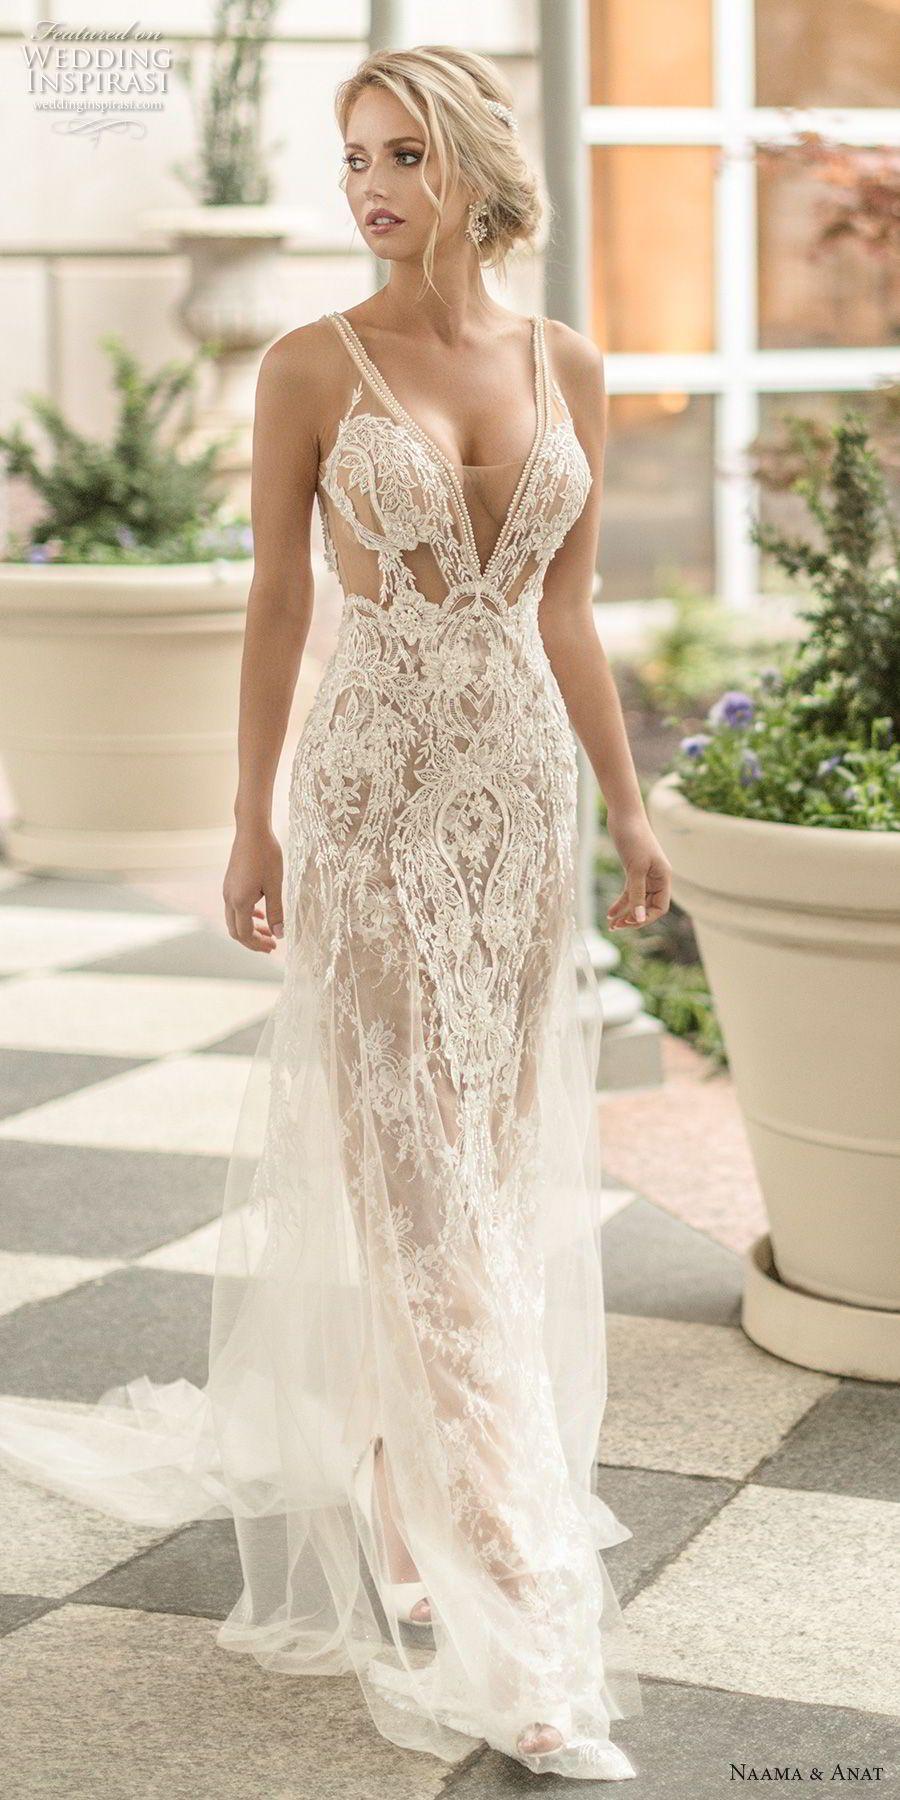 Naama Anat Frühling 2019 Braut ärmellos Mit Gurt Tief V Hals Voller  Verschönerung Sexy Glamourösen Mantel